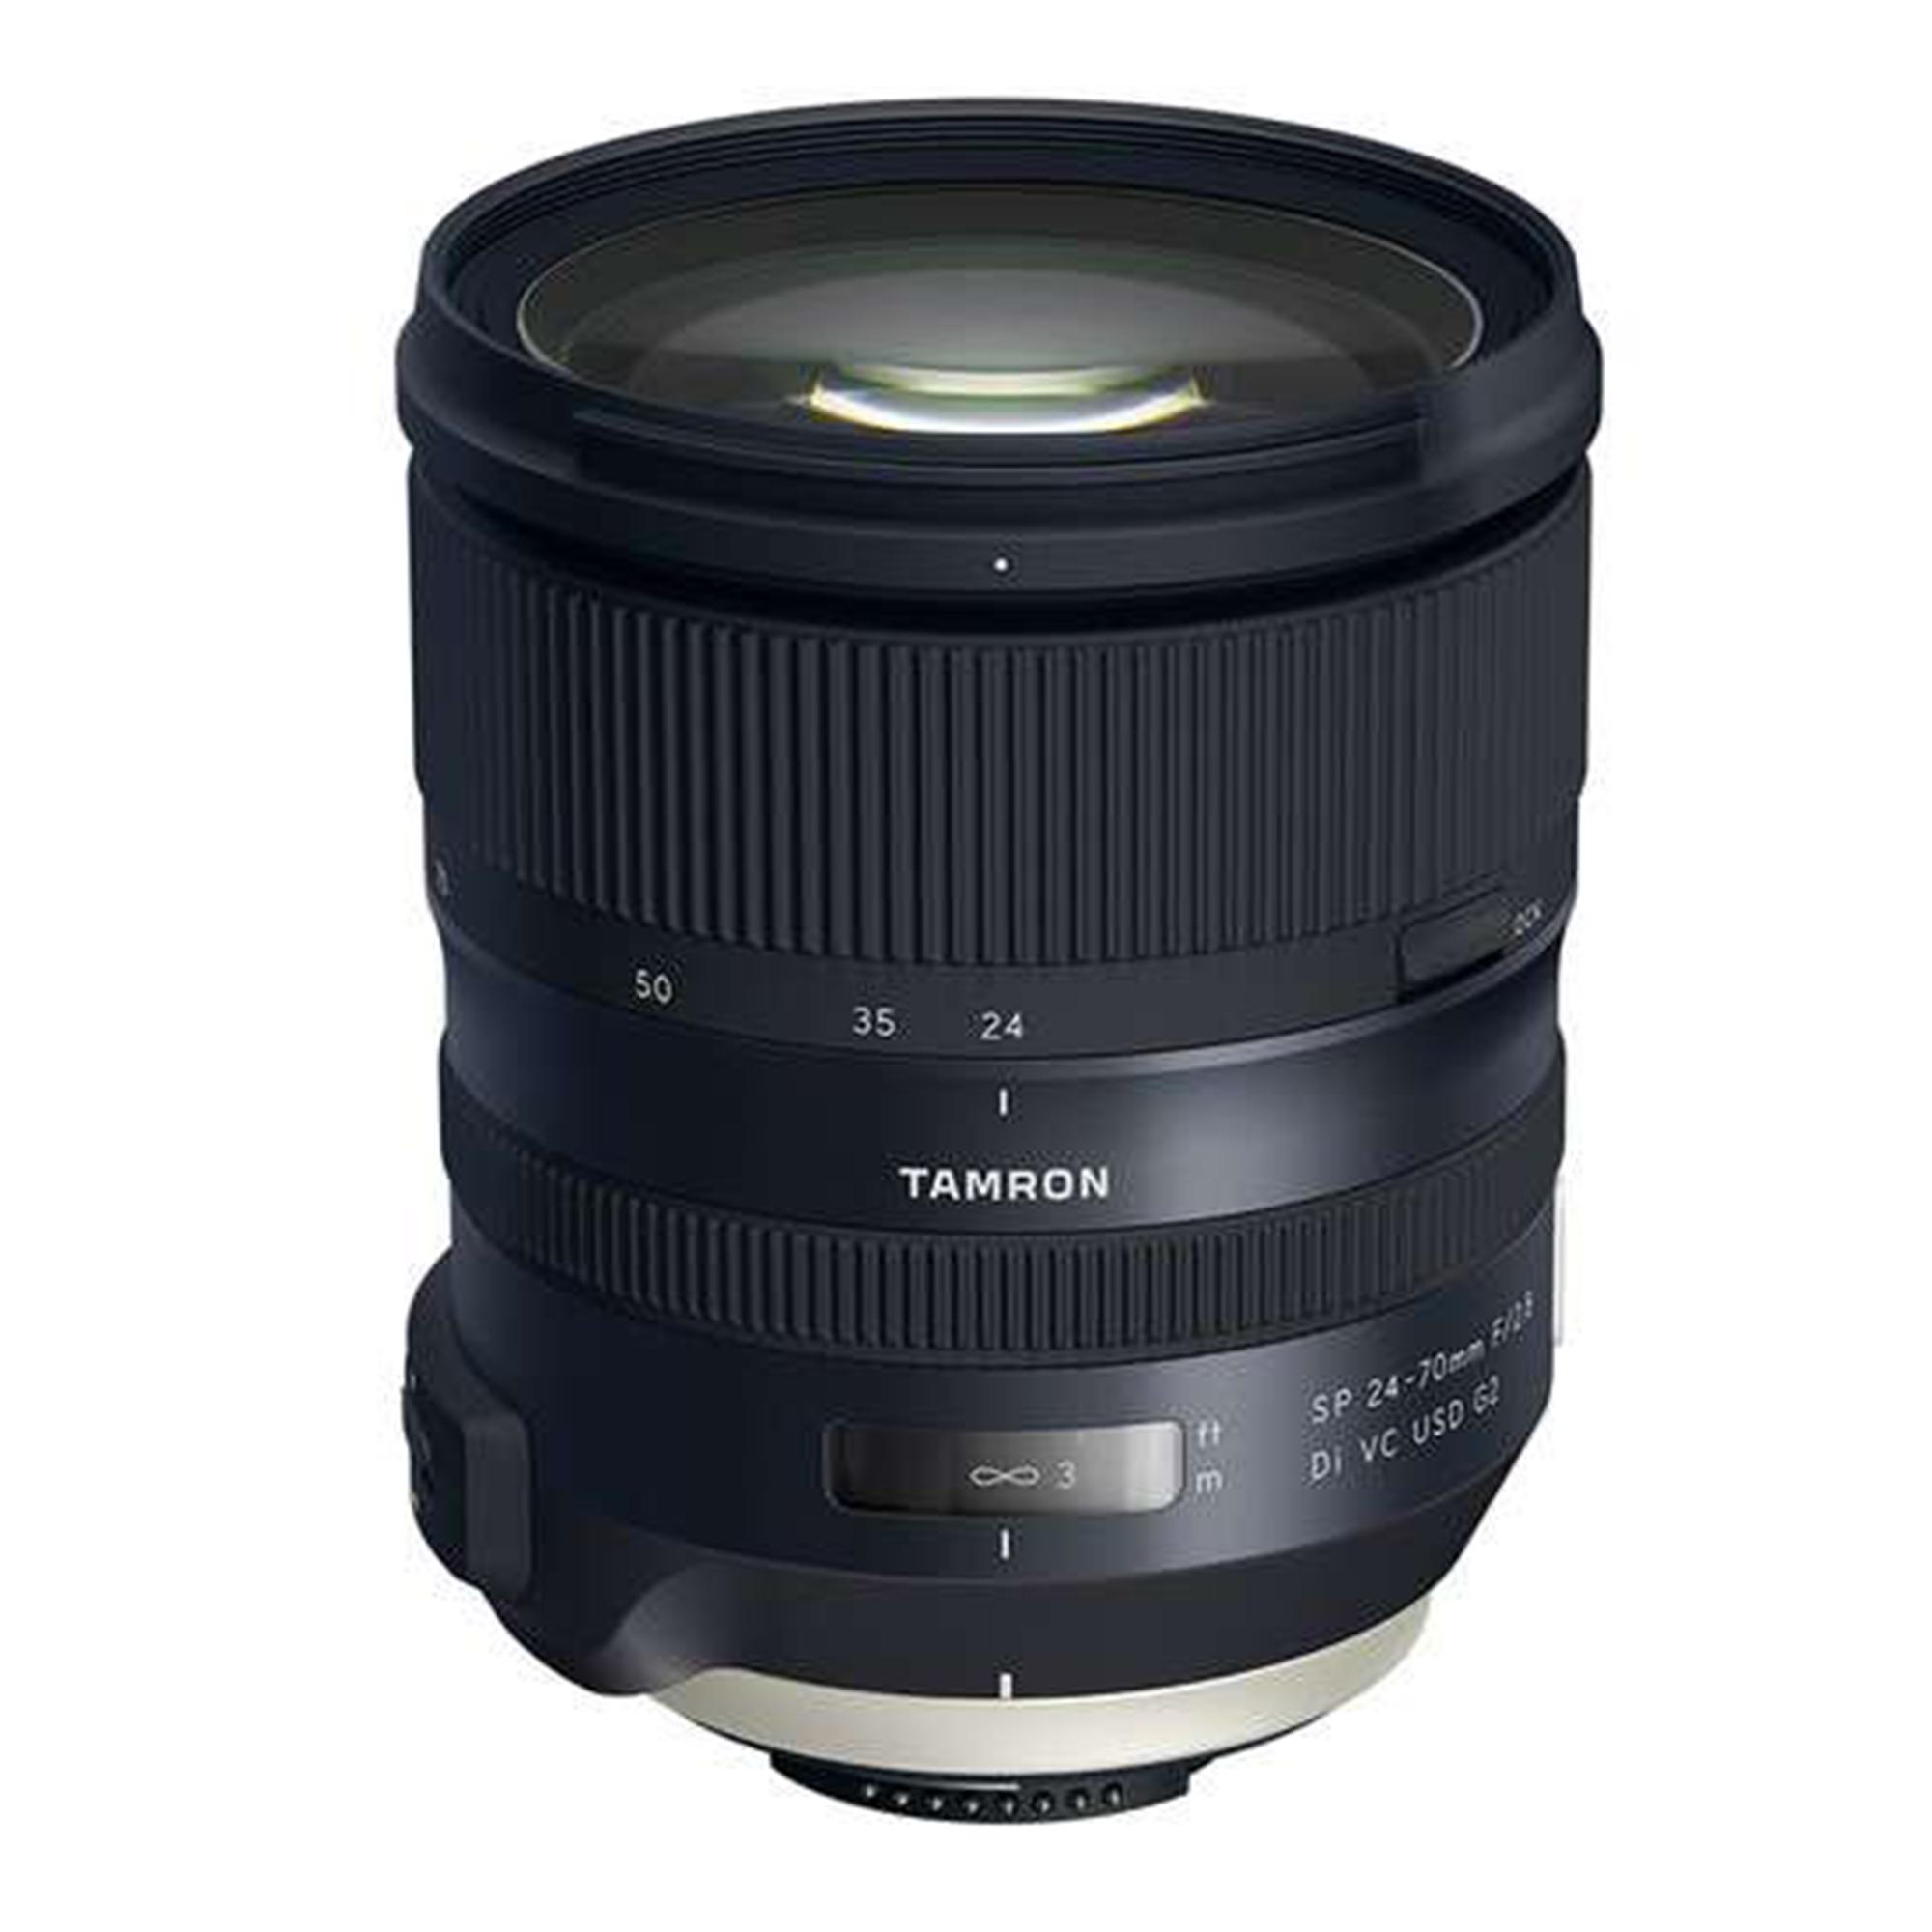 Tamron SP 24-70mm f/2.8 Di VC USD G2 Lens for Nikon ِِAF